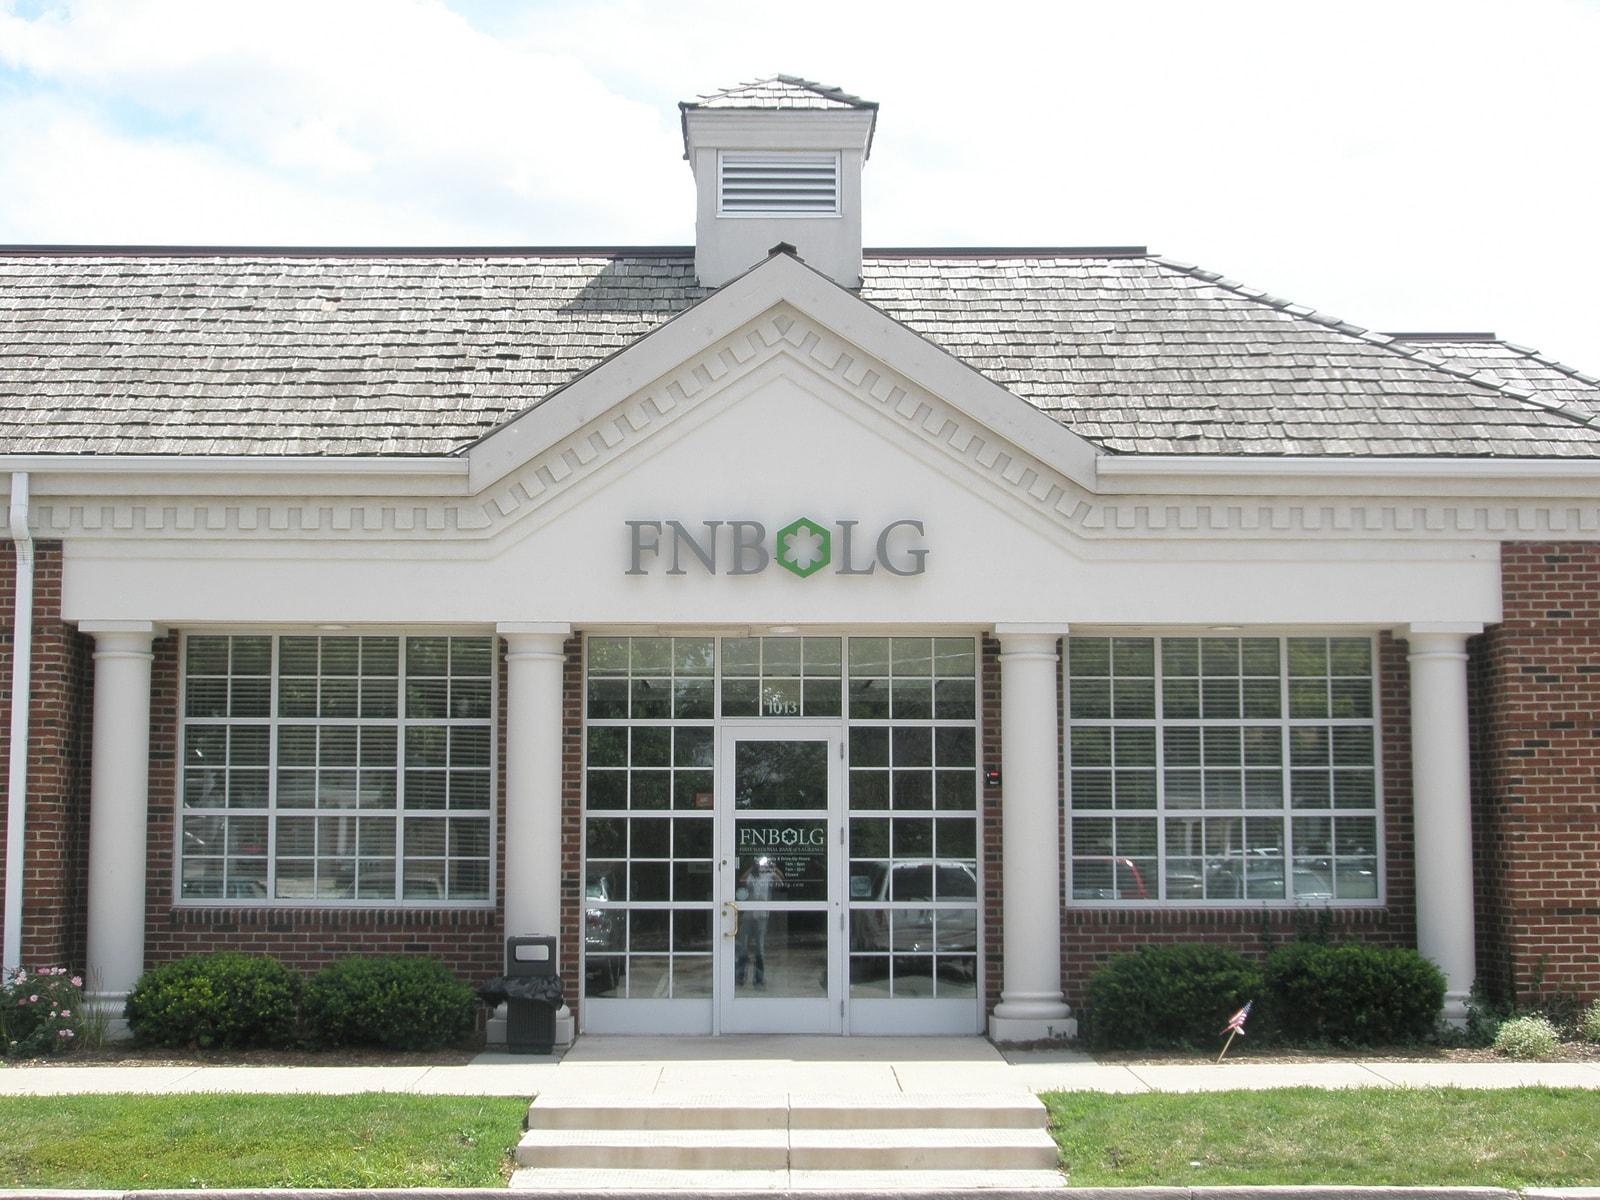 FNBOLG Exterior Sign